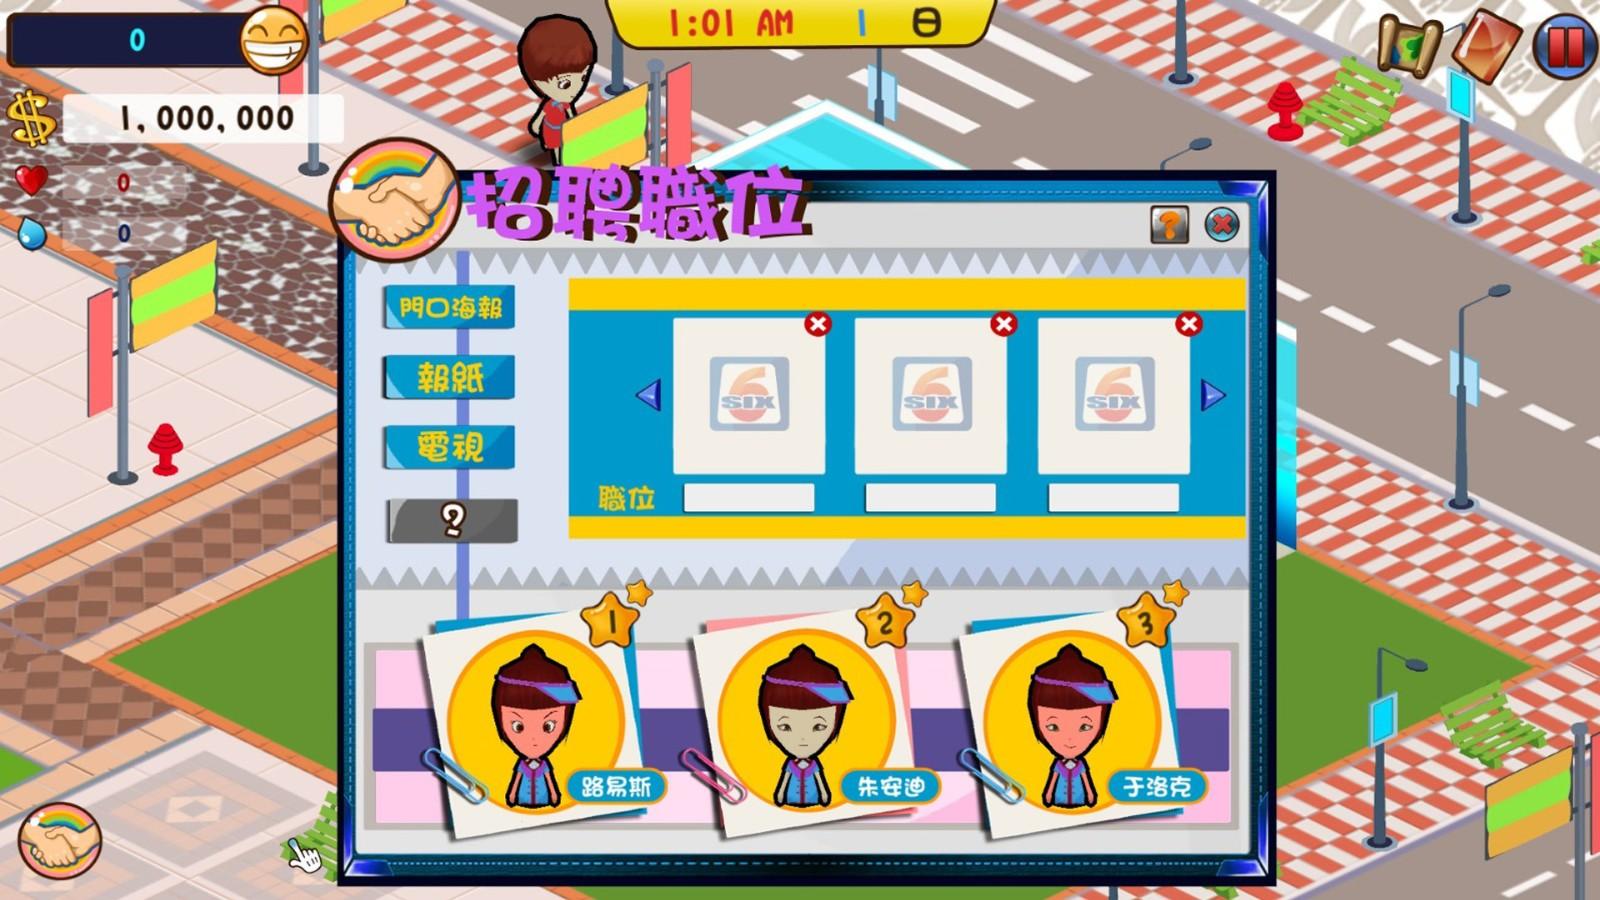 便利商店6游戏中文手机版